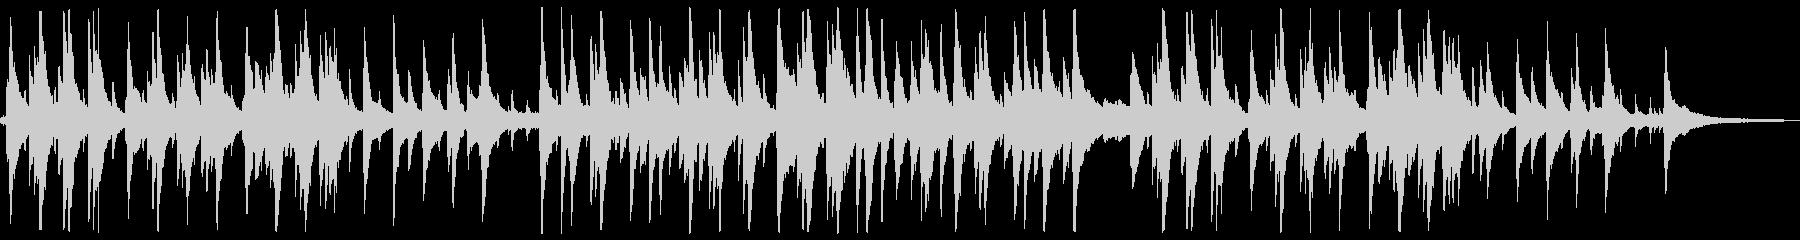 ピアノが印象的なゆったり落ち着くジャズ1の未再生の波形